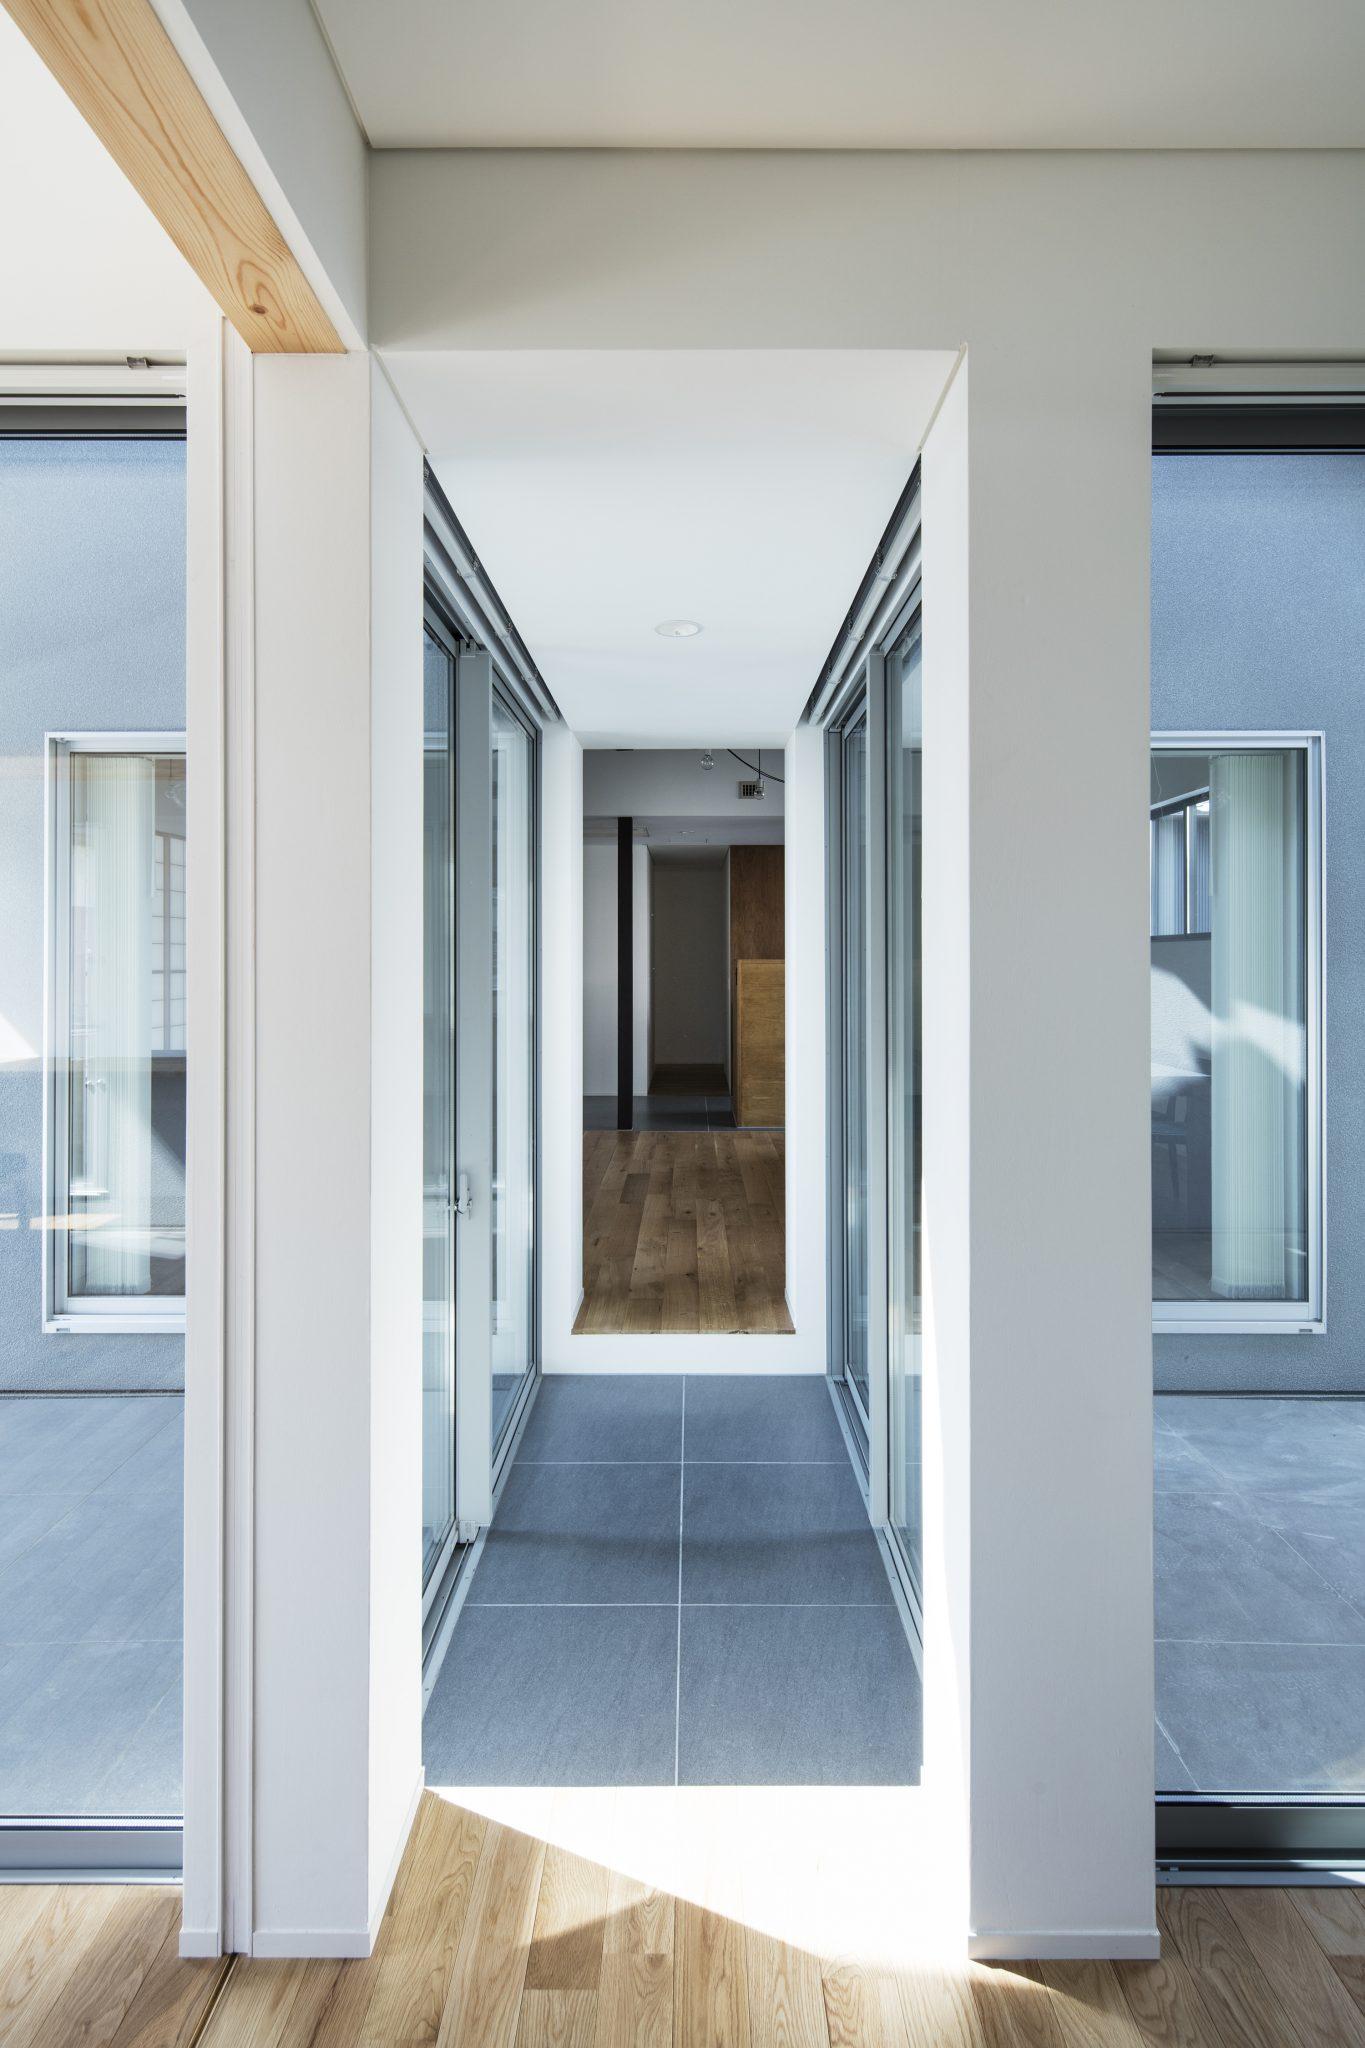 御殿の住宅 -リノベーション-|Residence in Goten by the renovation-180228_0271